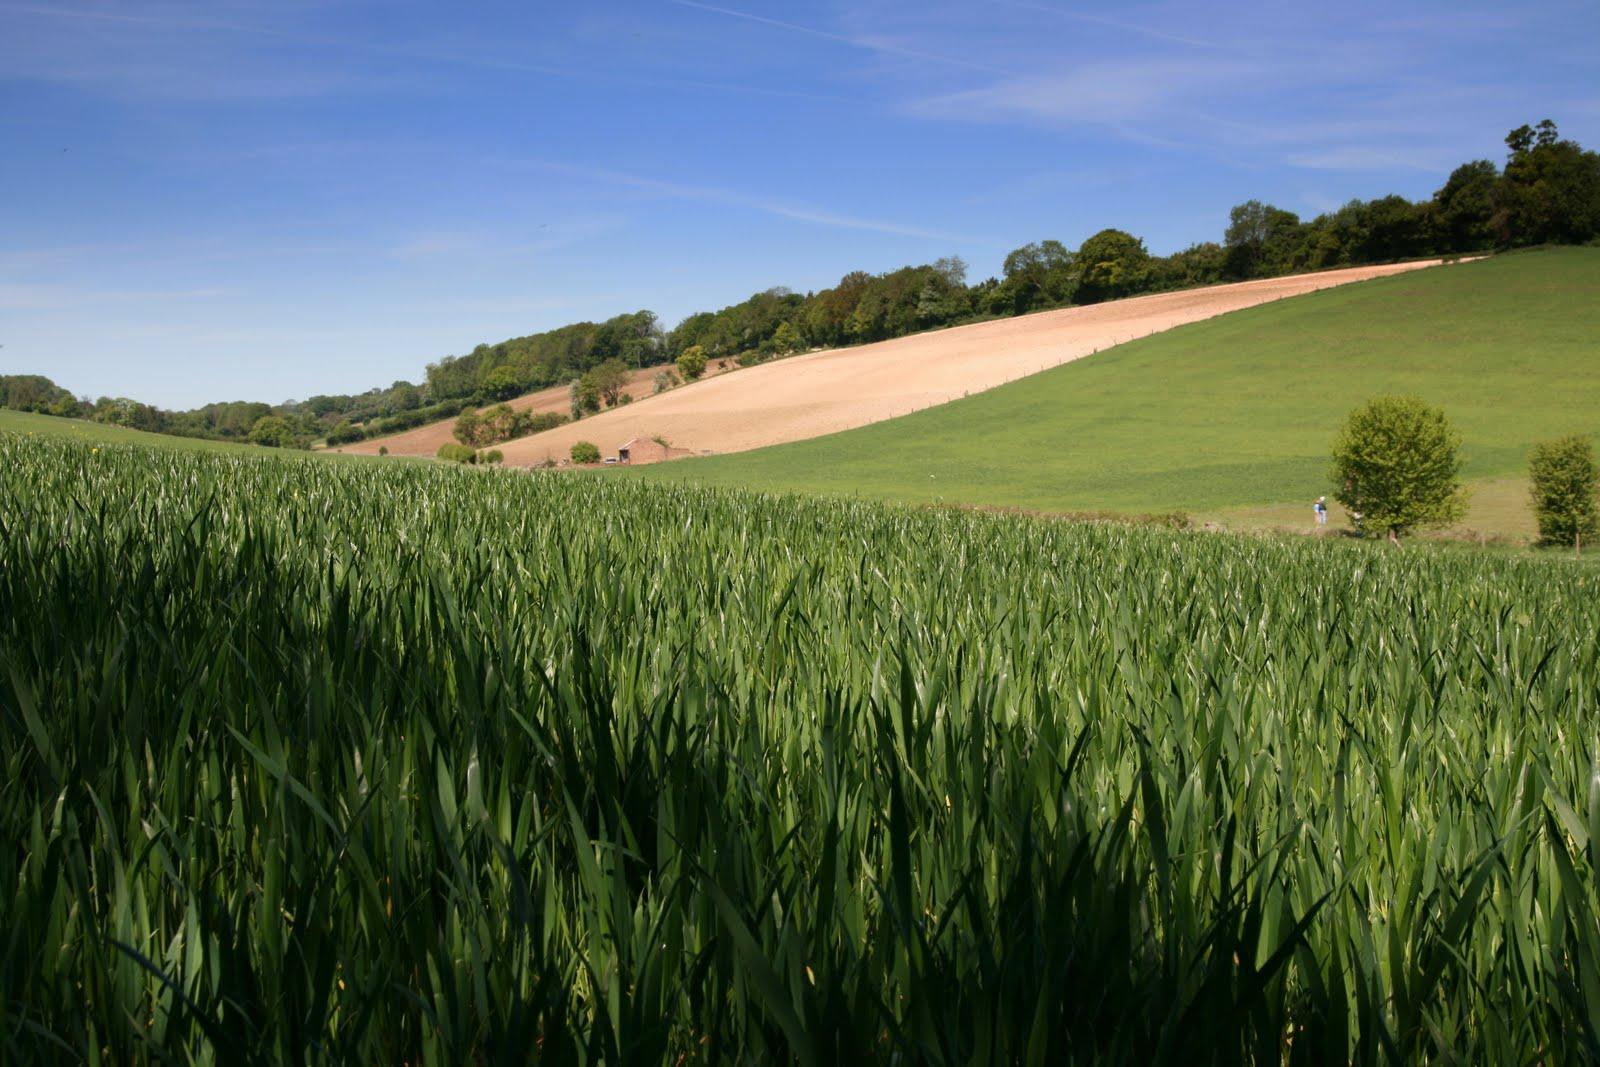 1005 031 Chesham to Great Missenden, England Prime crops